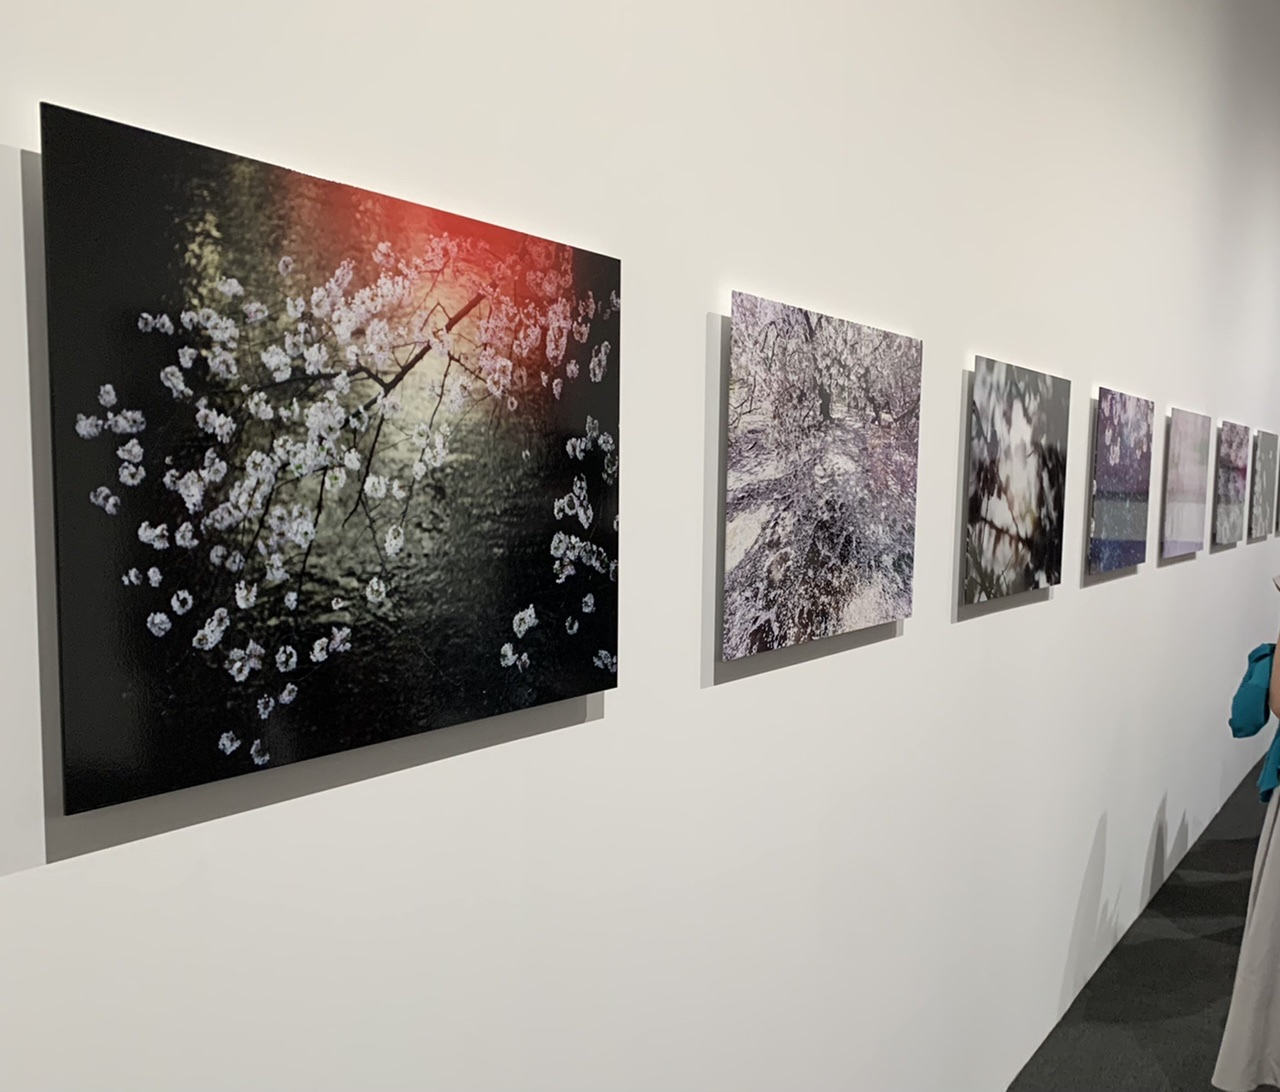 11/14(日)まで!上野の森美術館で開催中の蜷川実花展に行ってきました!_2